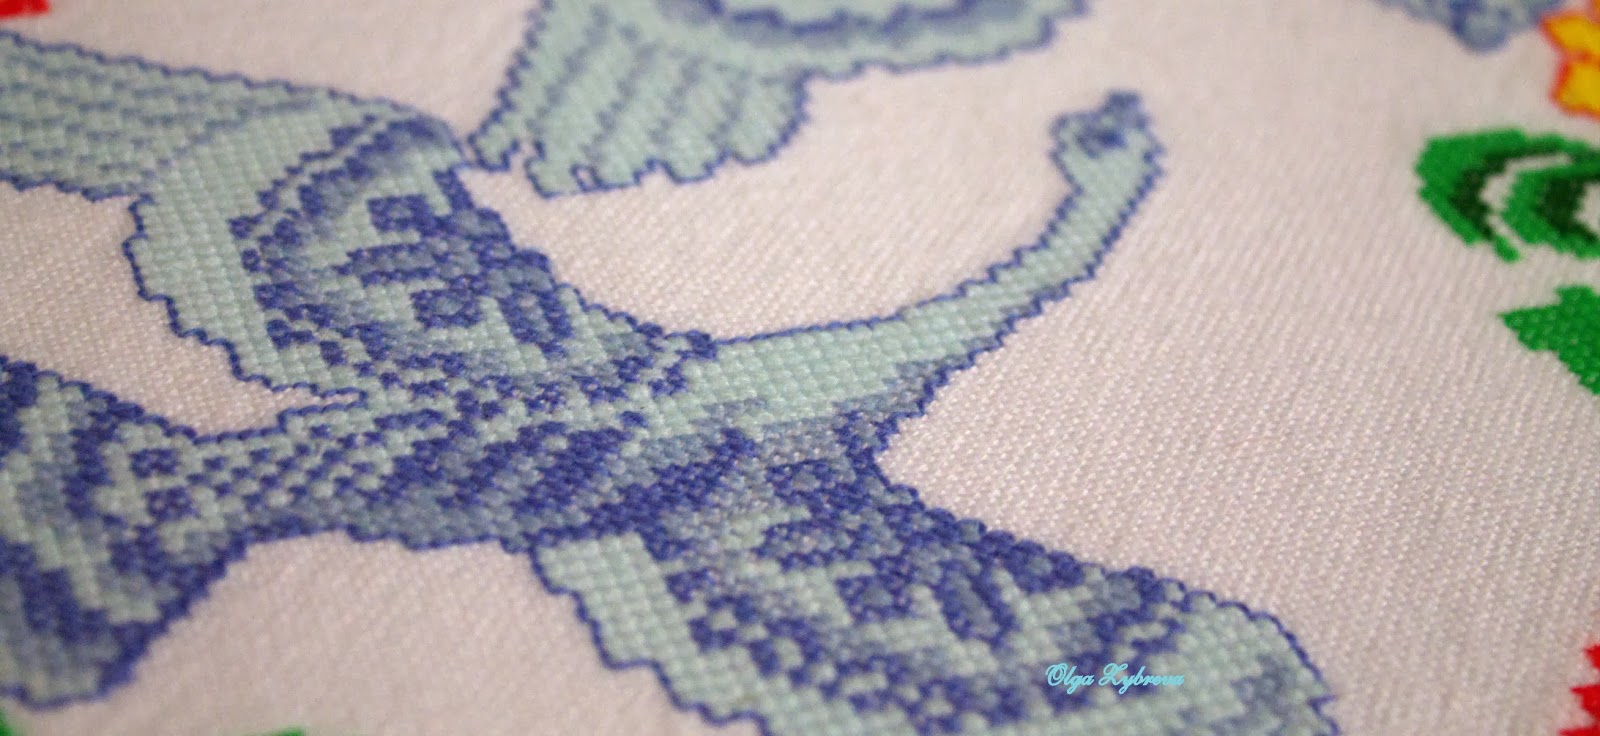 подбор ниток к вышивке царевна лебедь ключ к схеме